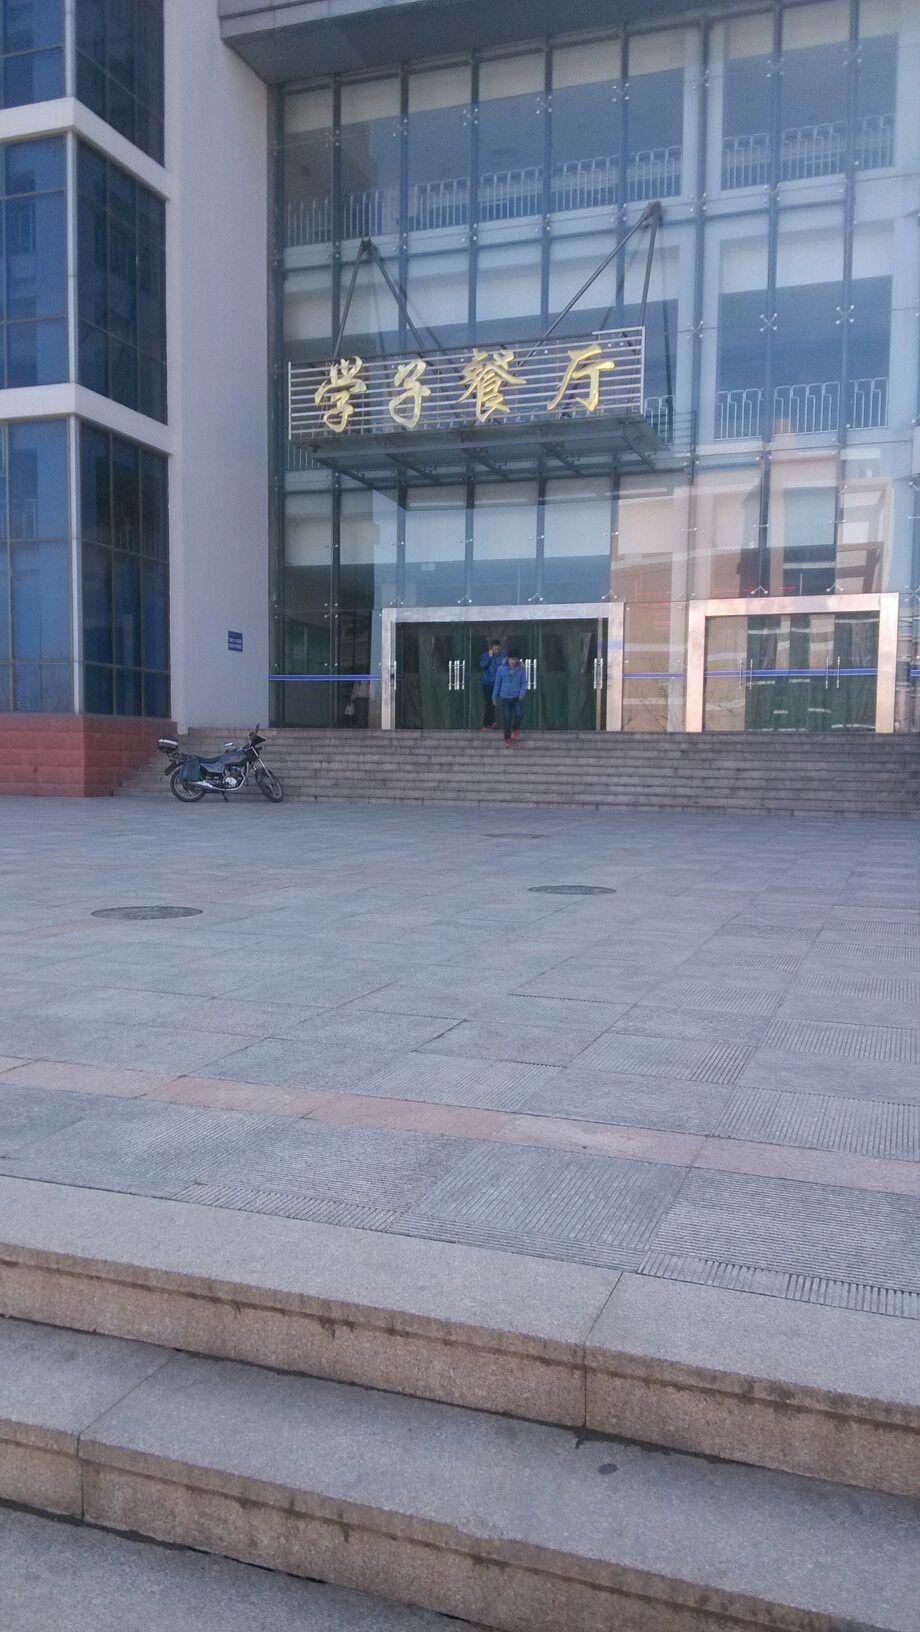 哈尔滨工业大学威海校区 学子餐厅地址,订餐电话,商户详情,威海 图片